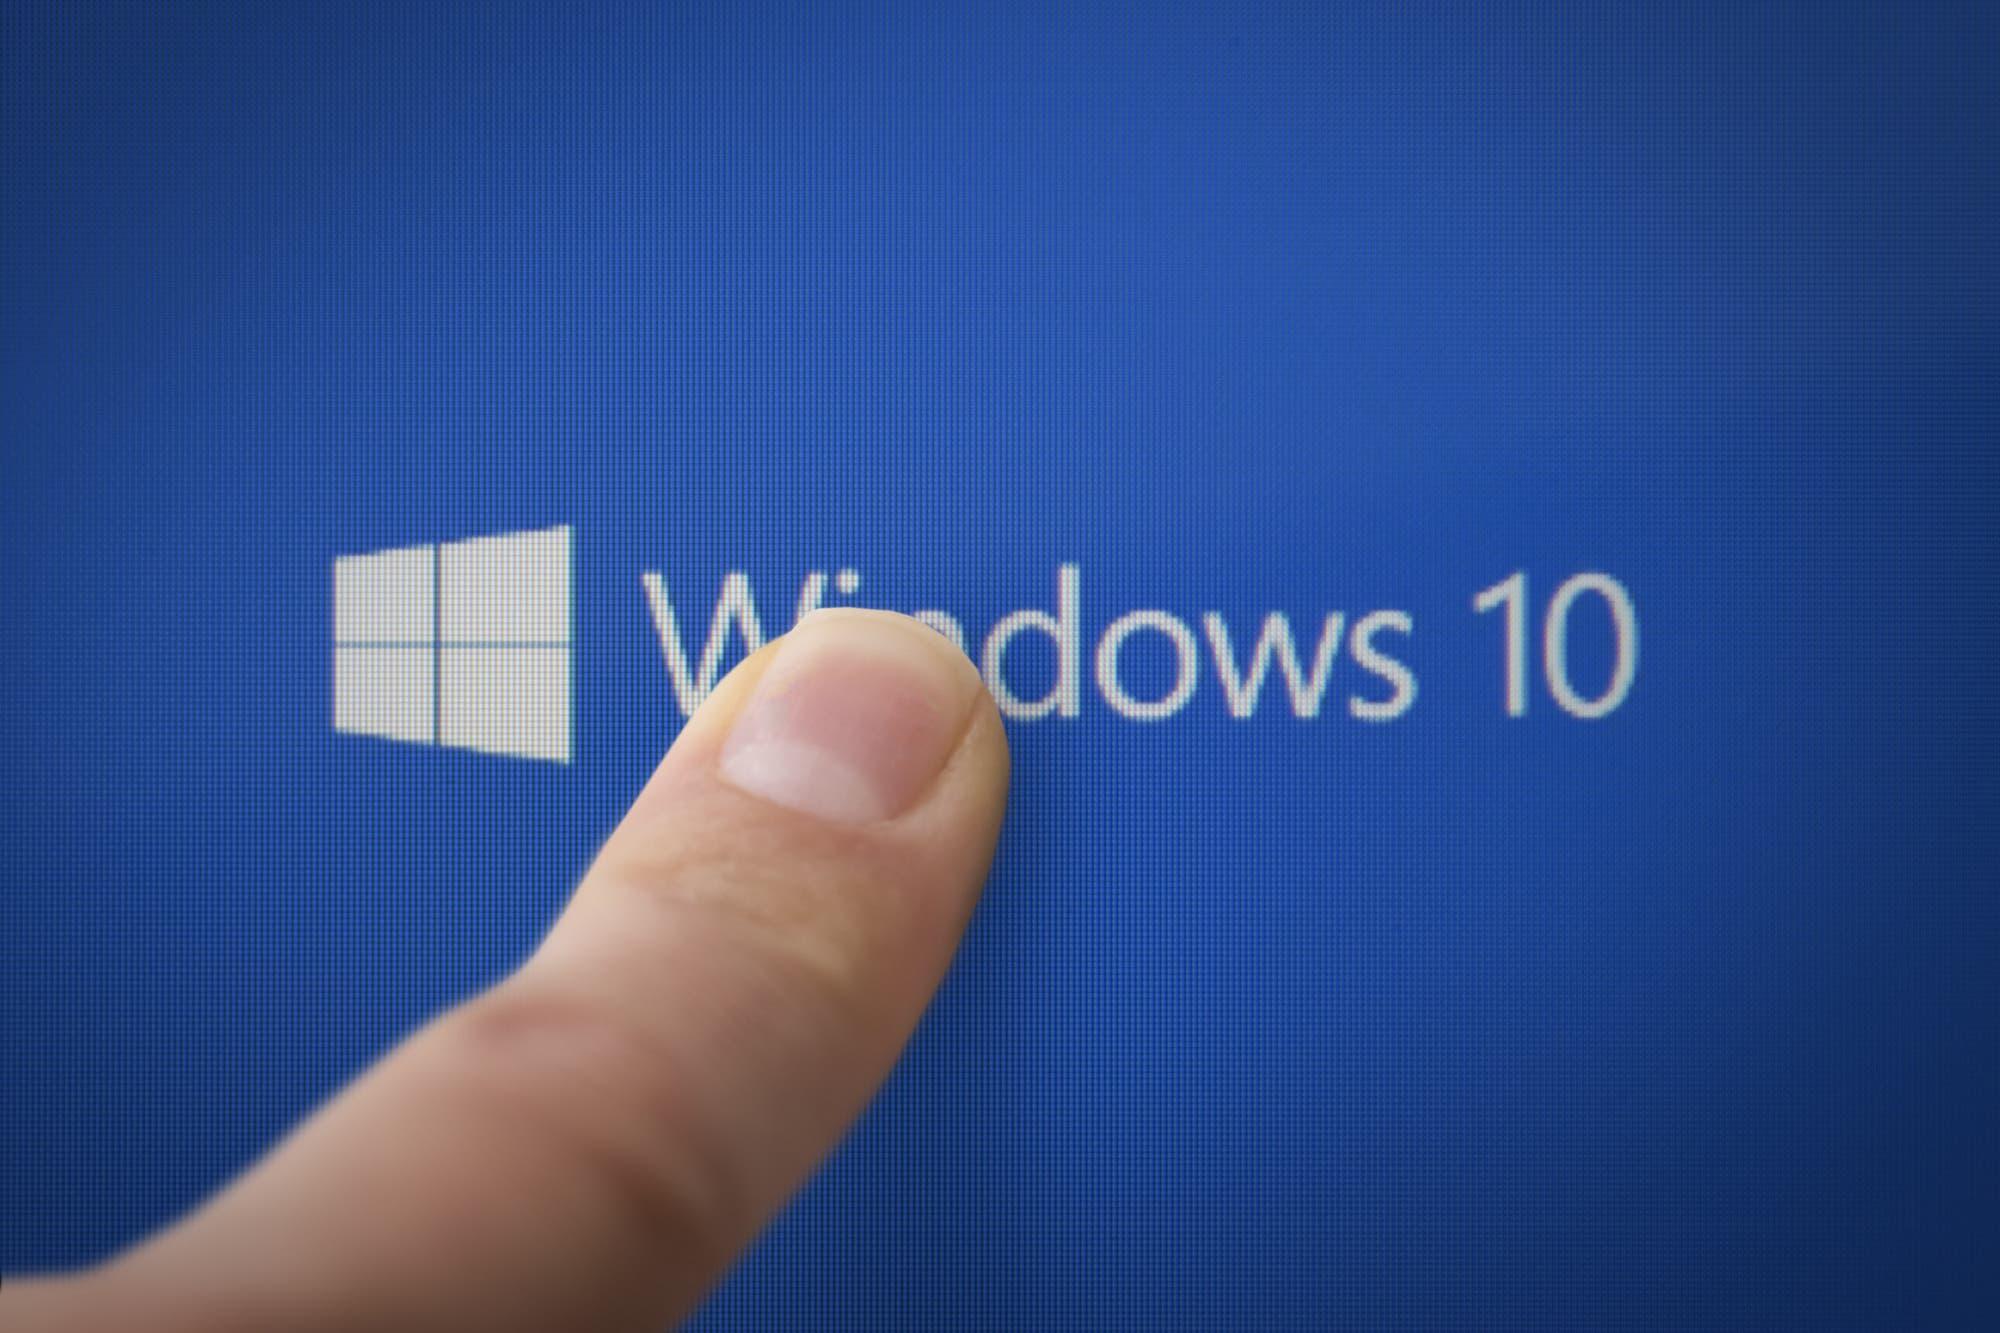 Windows 10 versión 2004: así es la nueva actualización del sistema operativo de Microsoft que llega en mayo